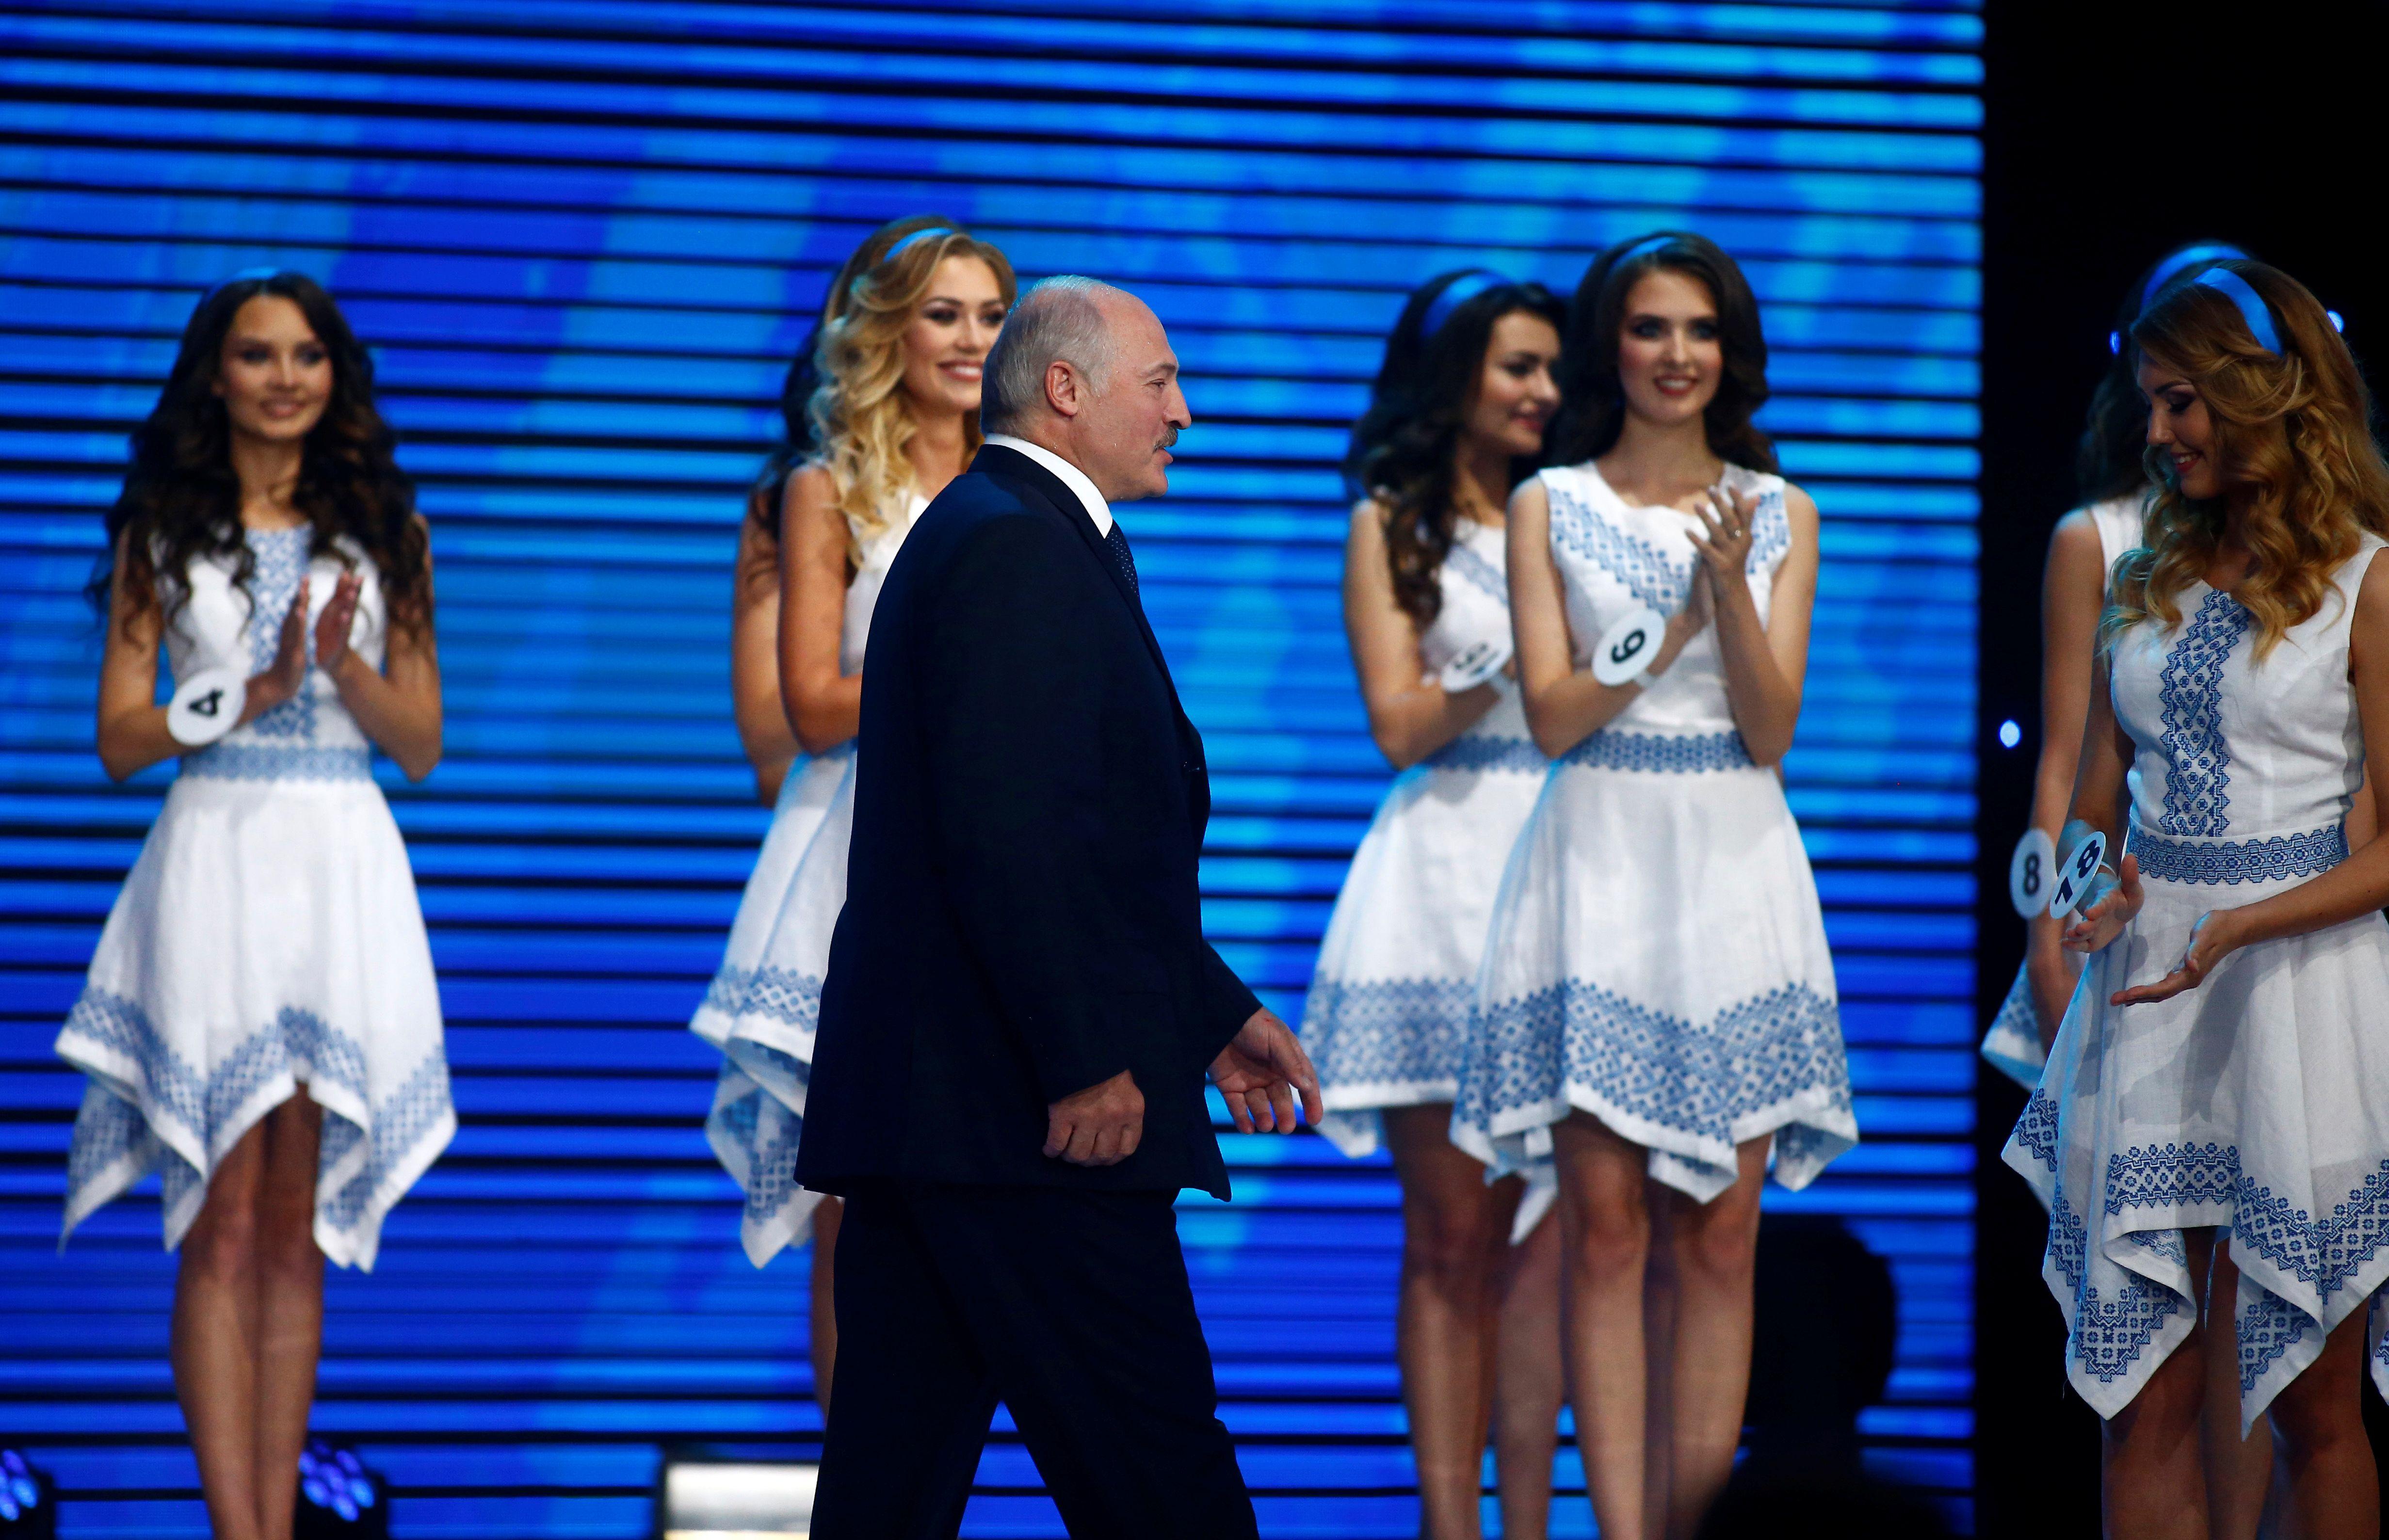 Le président biélorusse Alexandre Loukachenko lors du concours de beauté Miss Belarus 2016 à Minsk, Biélorussie le 19 Juin 2016.